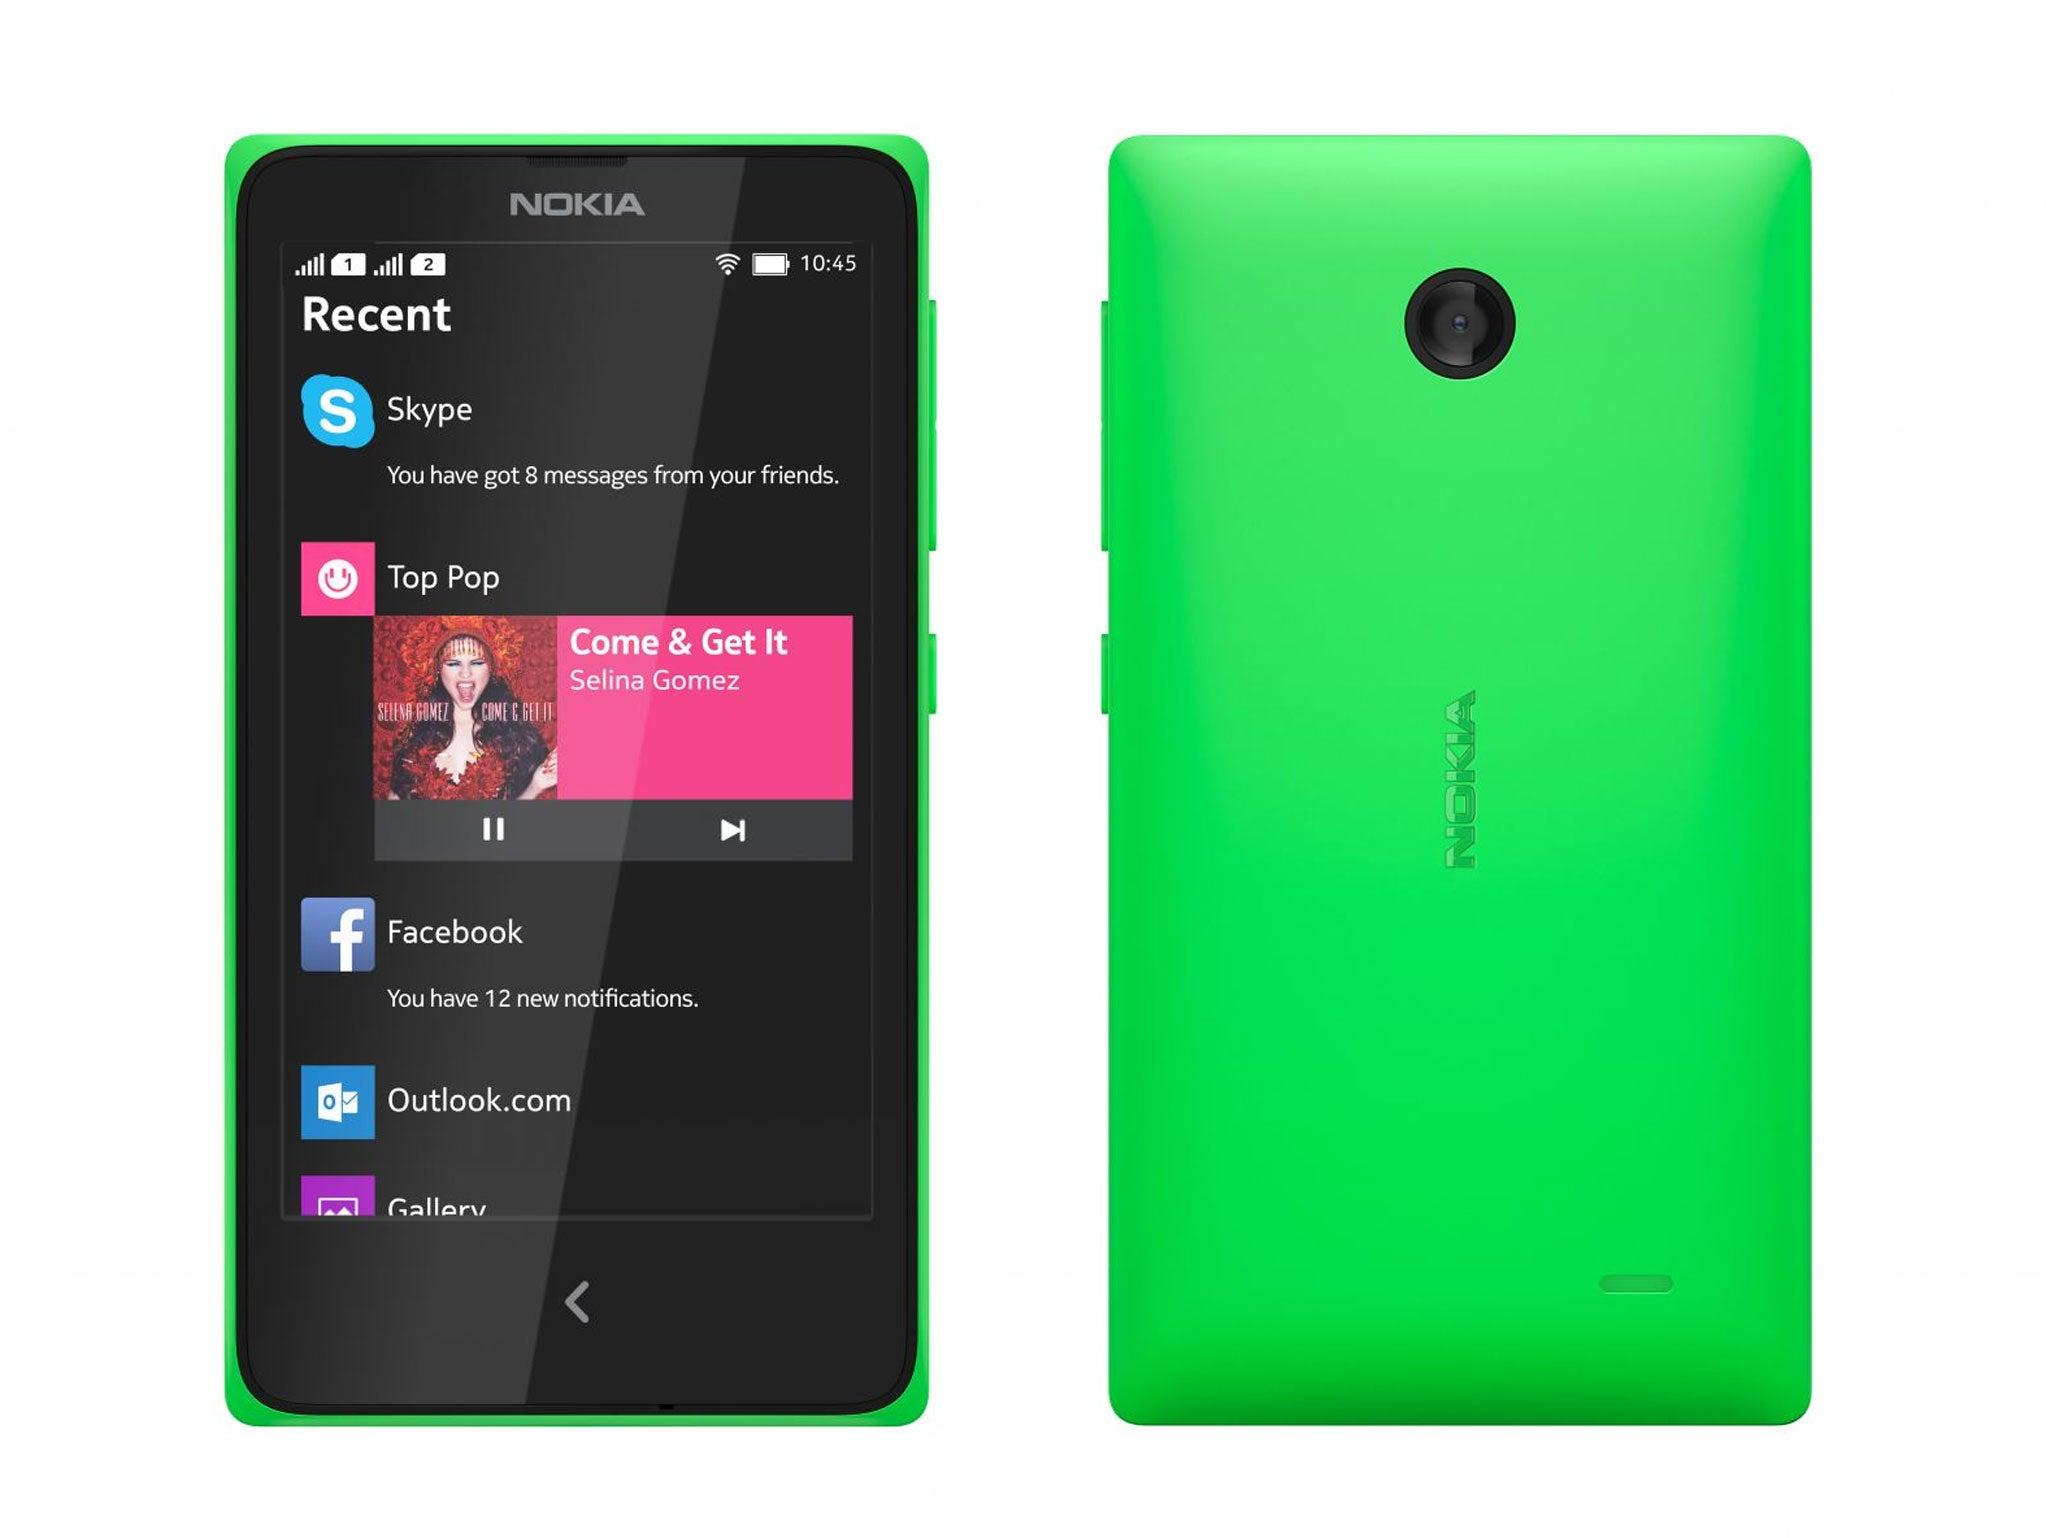 Dating apps voor Nokia x hook up hotspot singles